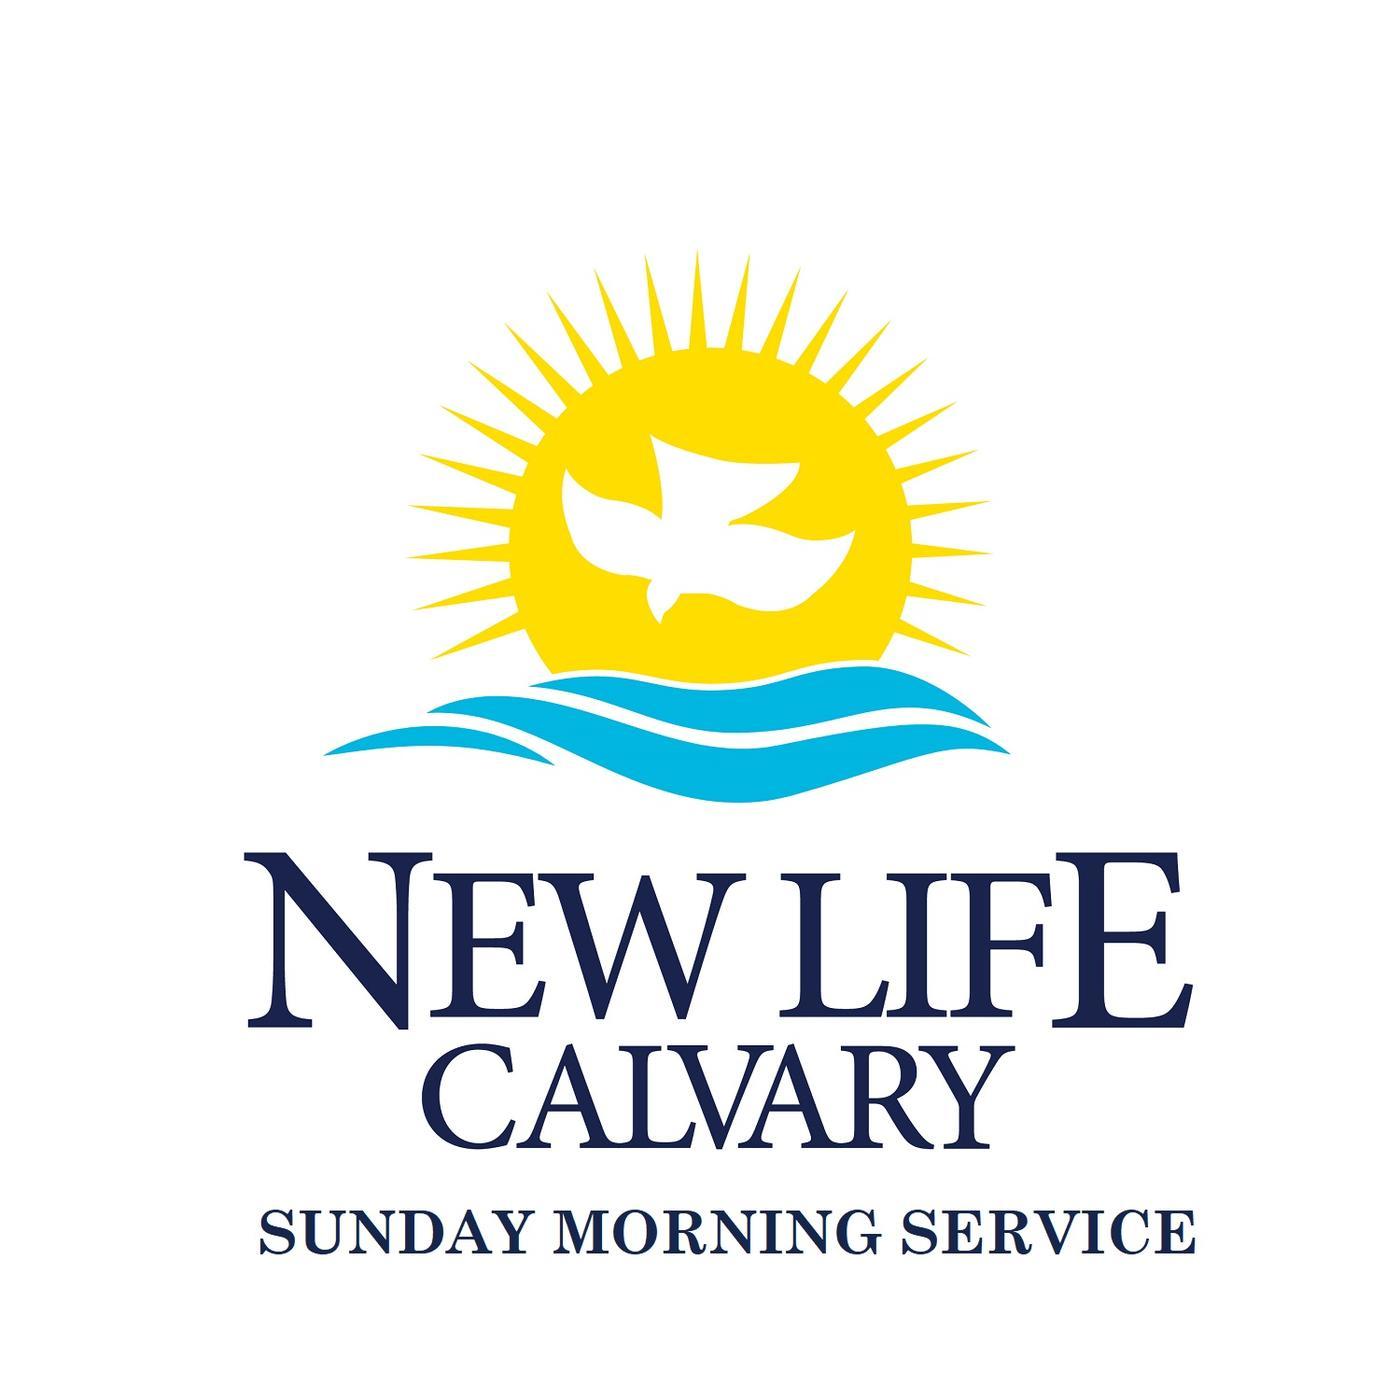 New Life Calvary Sunday Morning Sermons (podcast) - John